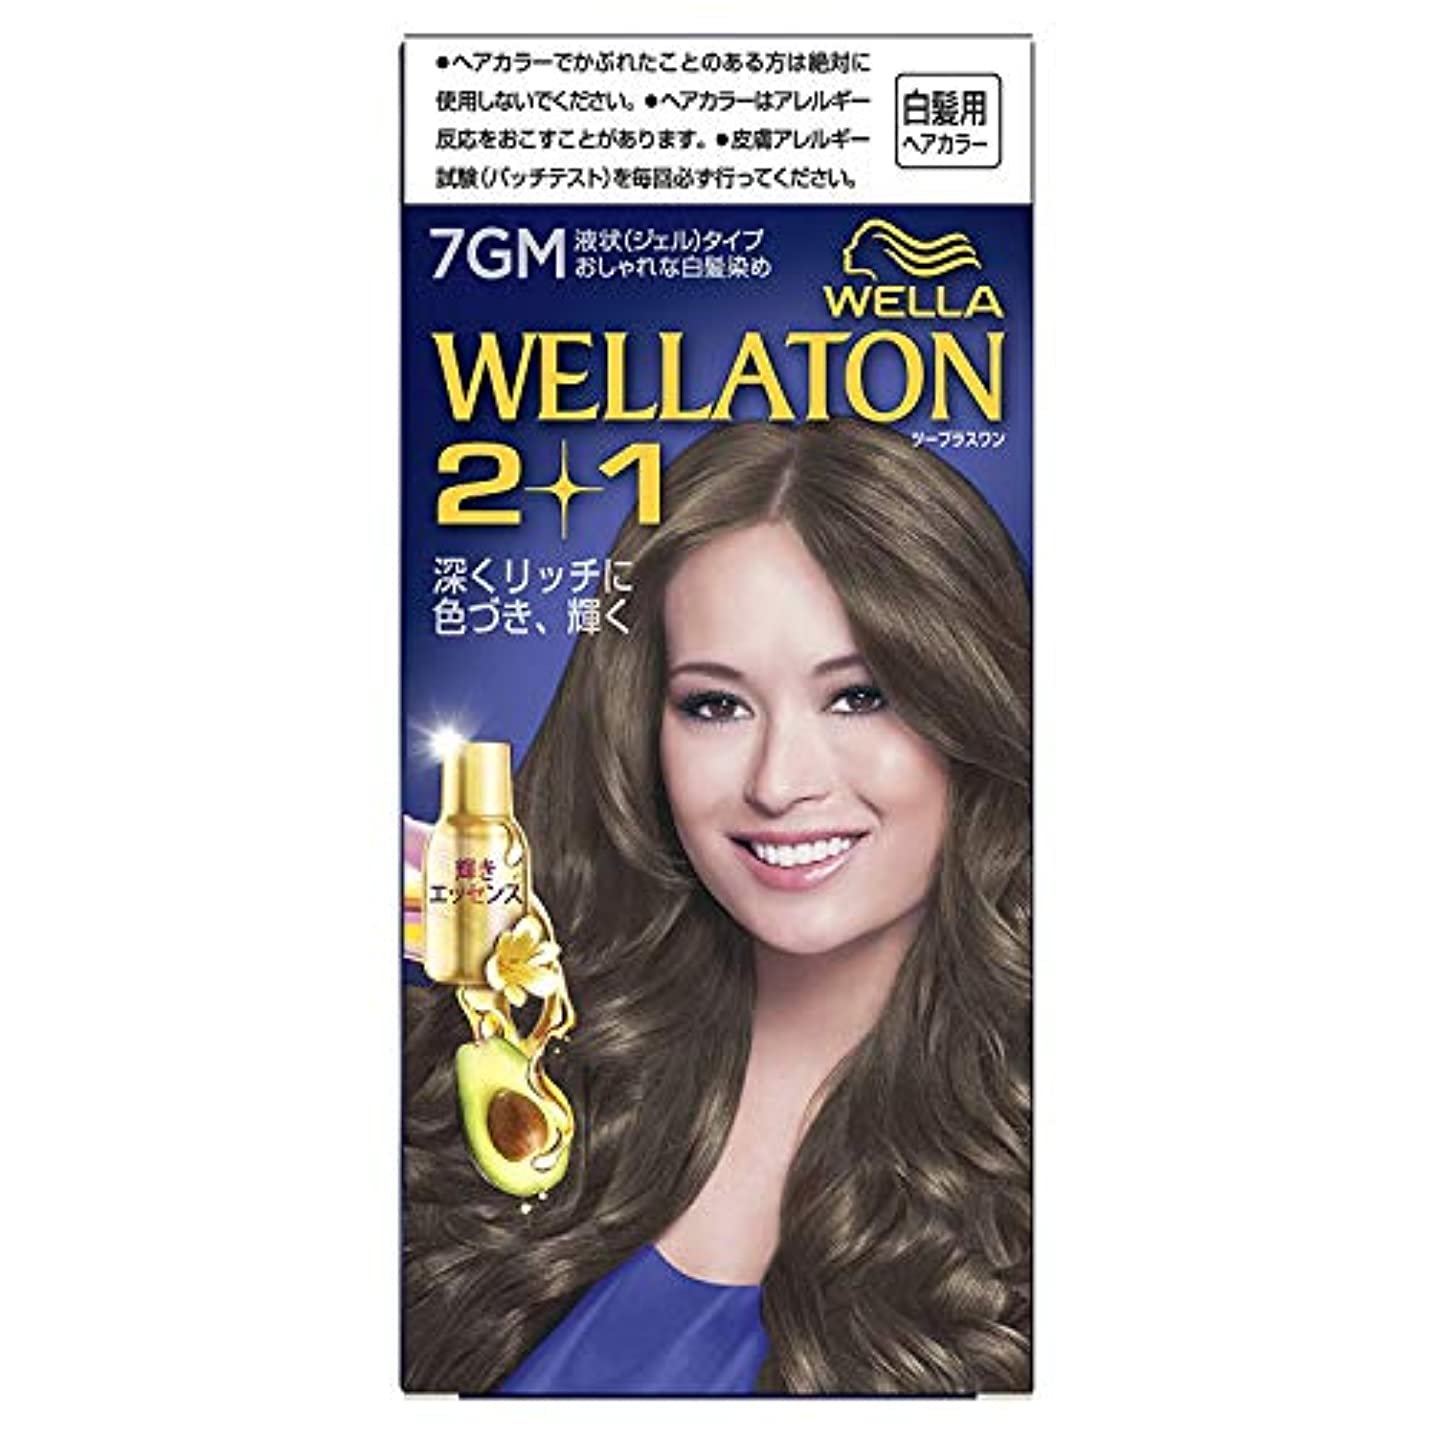 申し込むリブ通信するウエラトーン2+1 液状タイプ 7GM [医薬部外品] ×6個